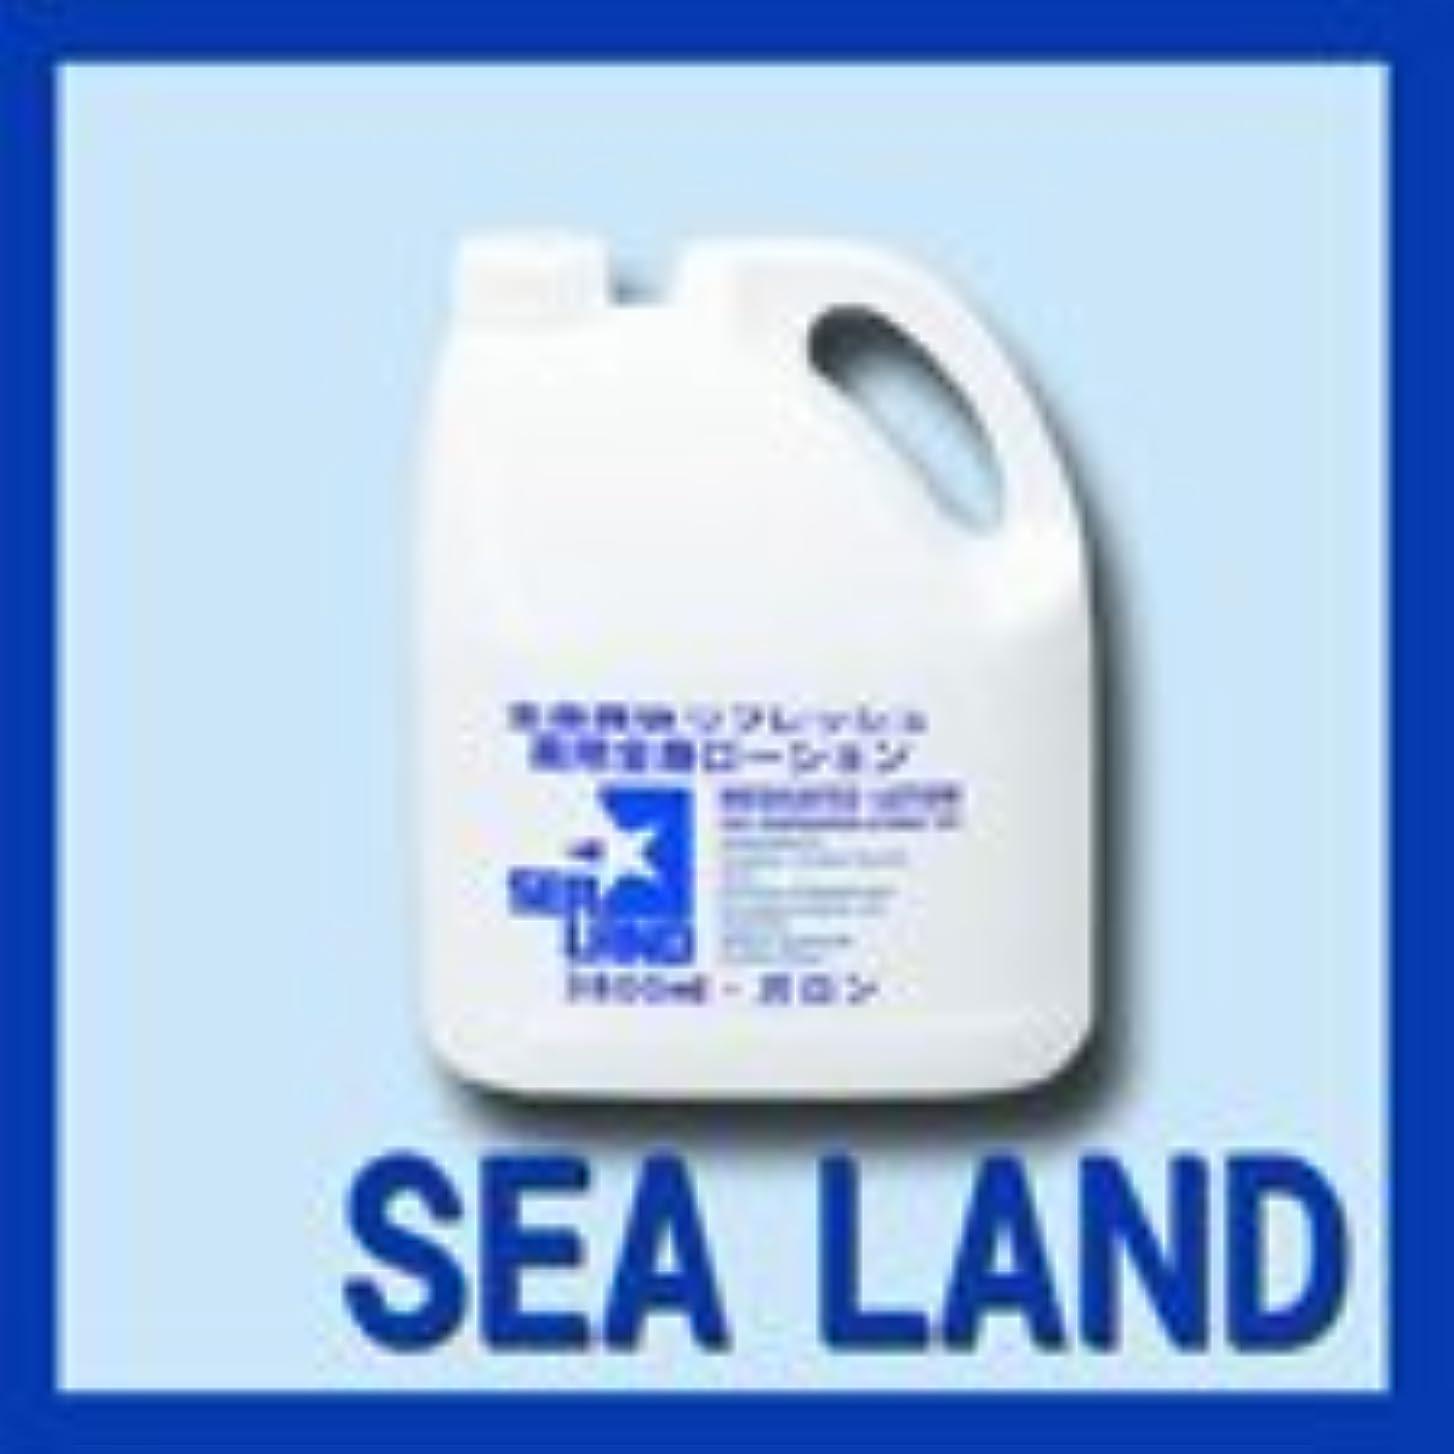 疲労つまらない通知SEA LAND シーランド 薬用ローション 3800ml(ガロン) ハーブバランス